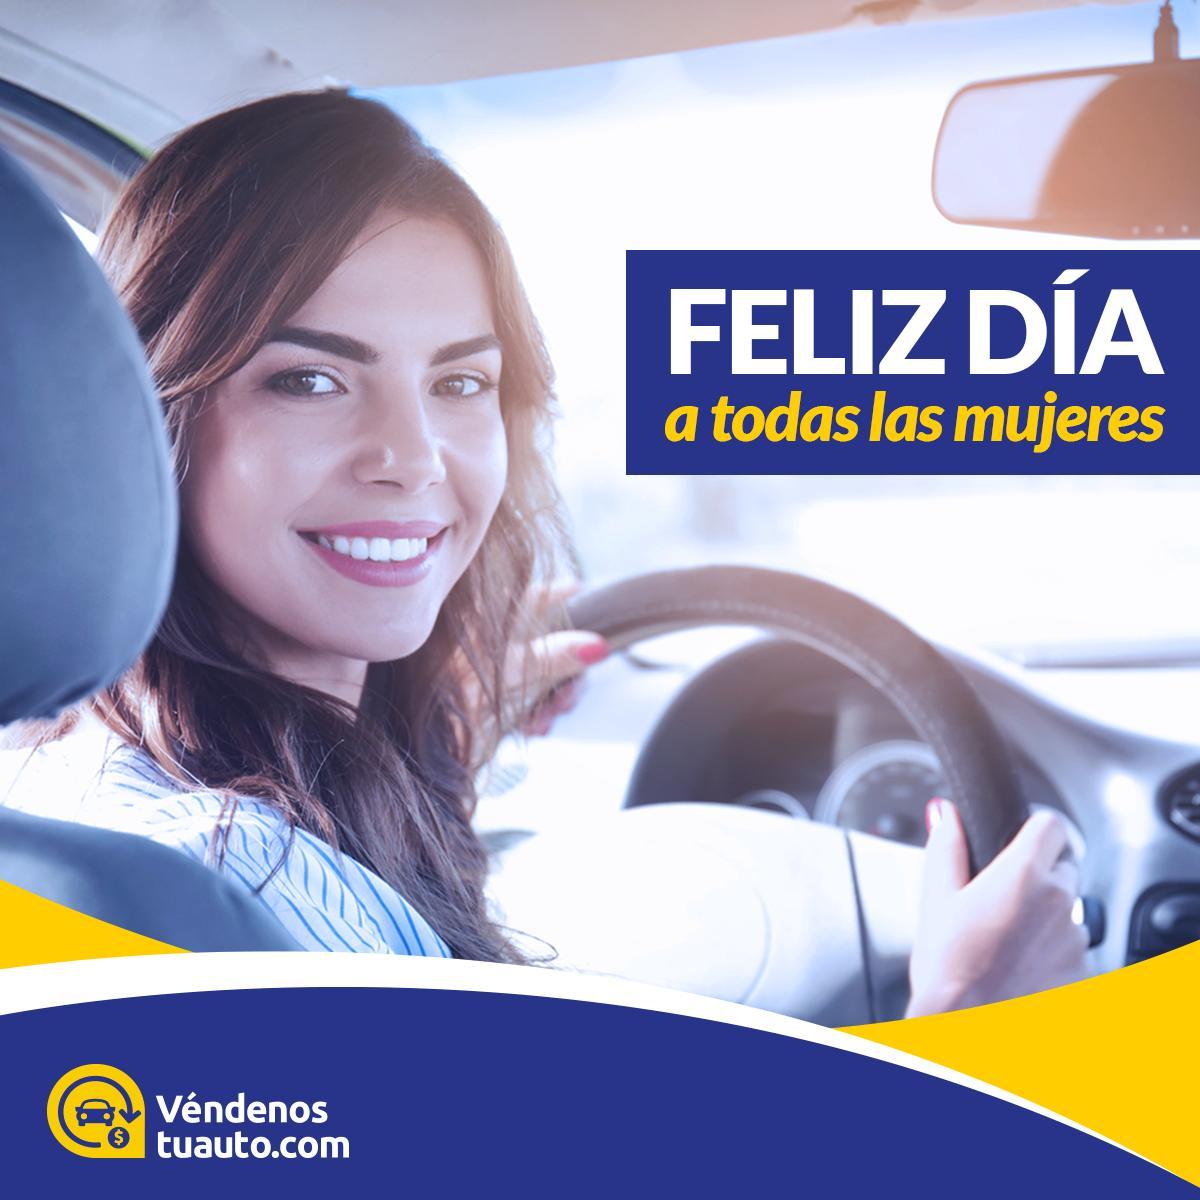 ¡Feliz día de la mujer! 👩 🌹 El equipo de #Véndenostuauto quiere felicitar a todas las mujeres en su día. #Autos #Chile #DiaMujer #Mujer #FelizDia https://t.co/K4IxYXxxuI